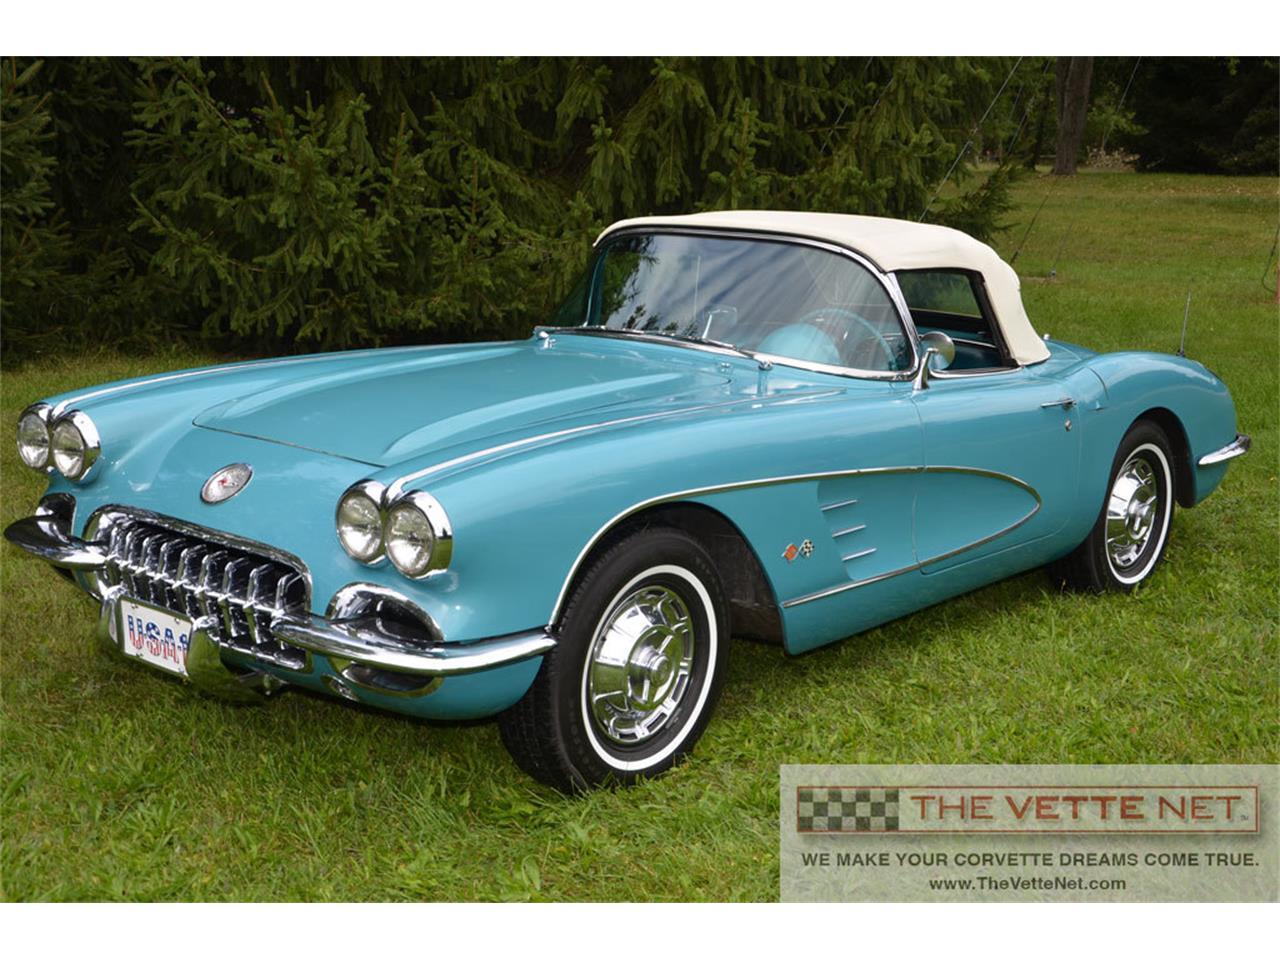 For Sale: 1960 Chevrolet Corvette in Sarasota, Florida